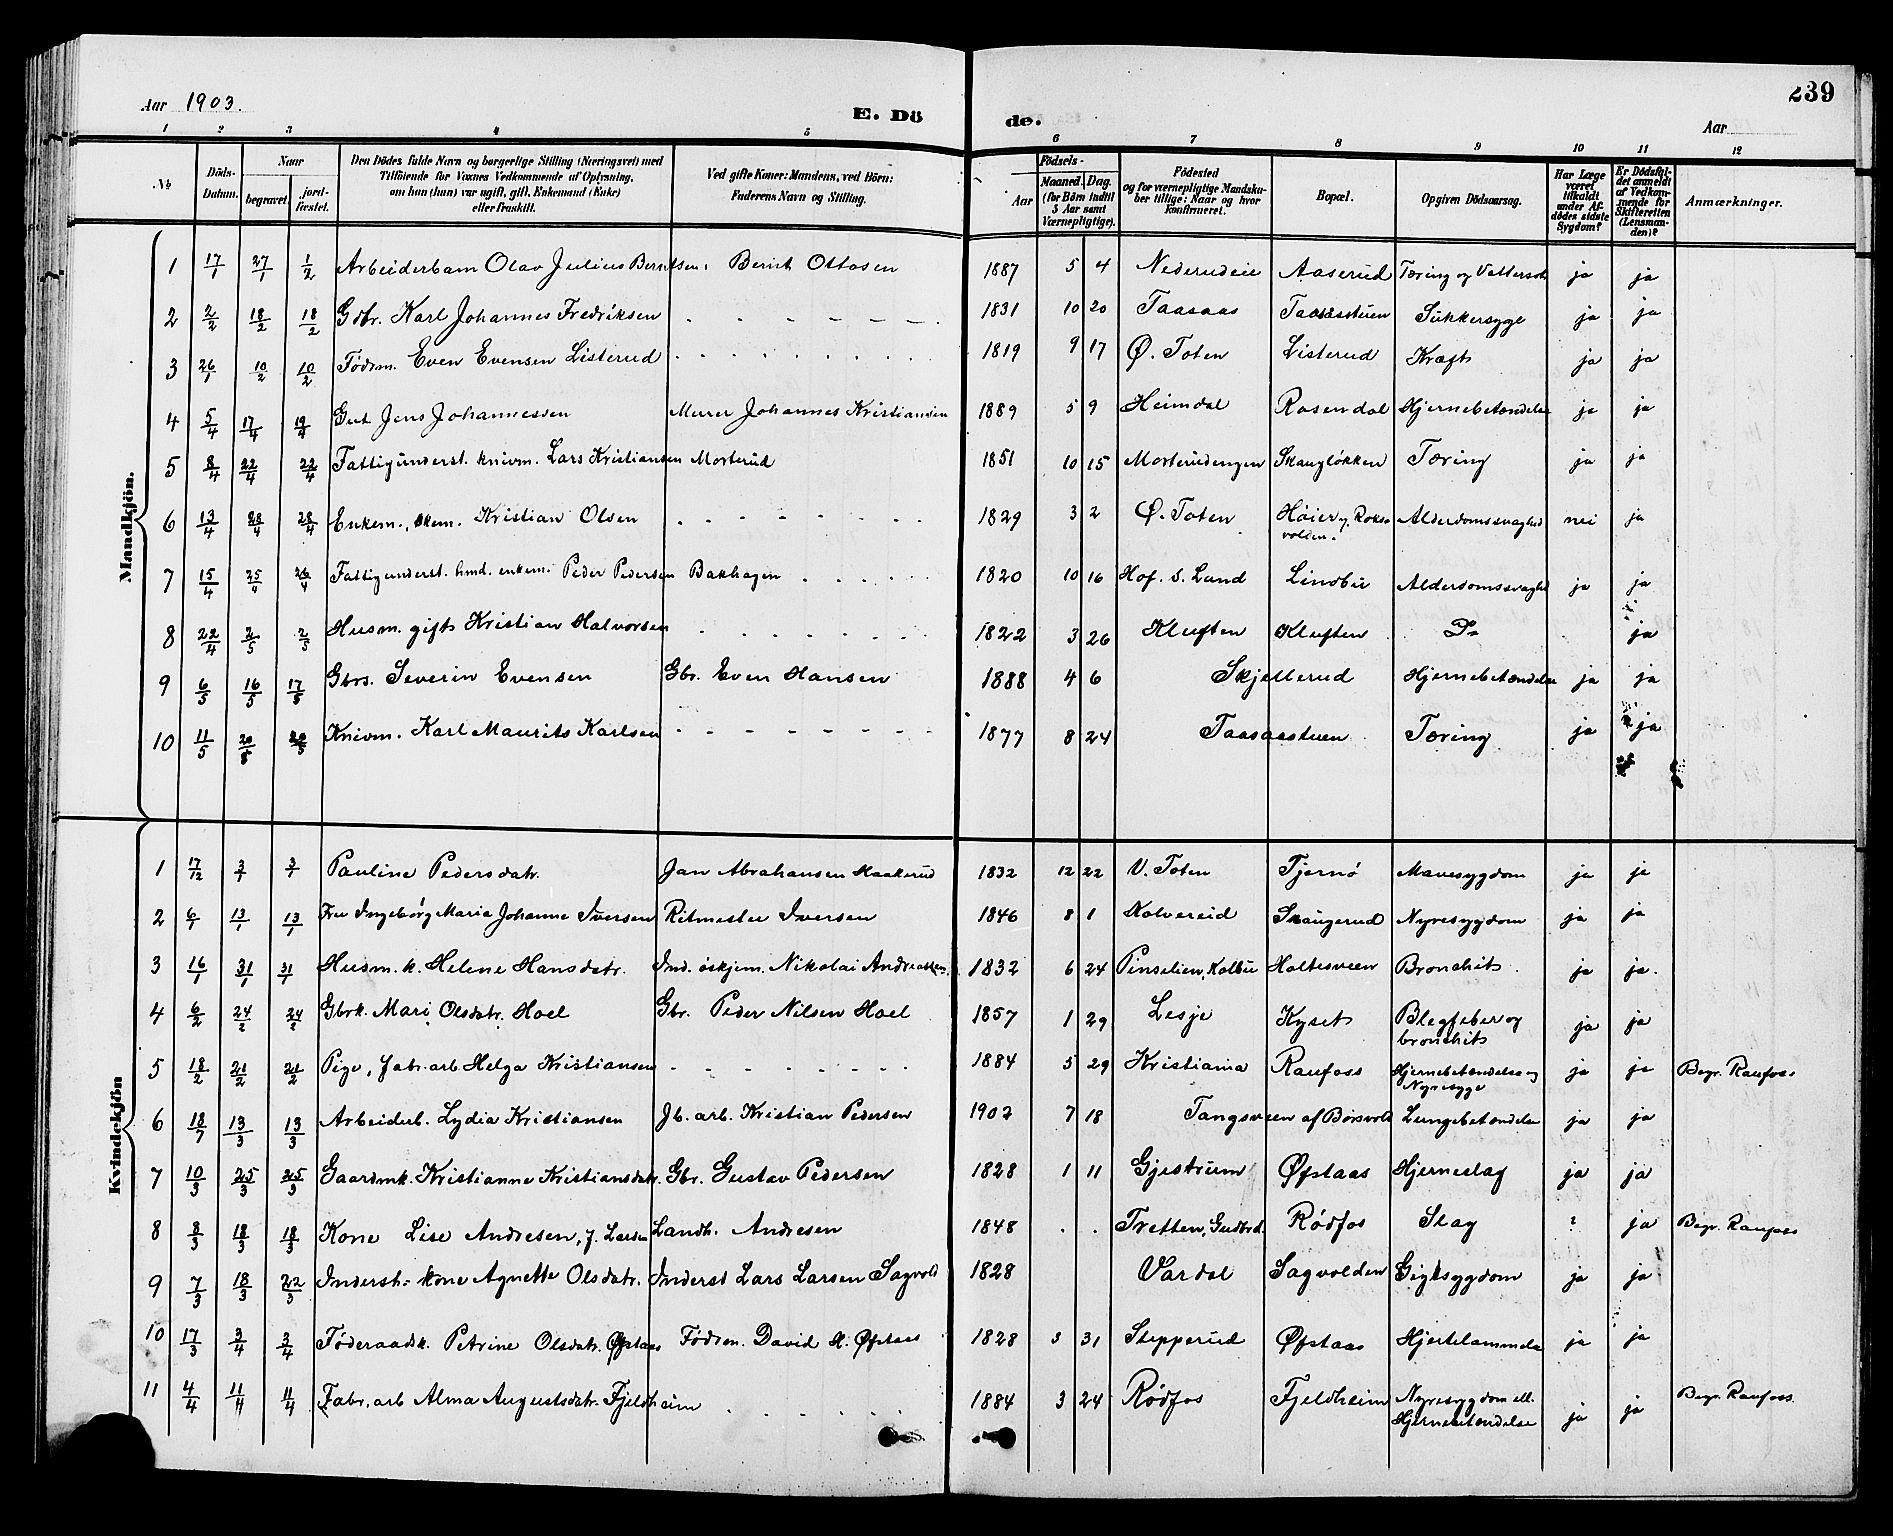 SAH, Vestre Toten prestekontor, Klokkerbok nr. 10, 1900-1912, s. 239